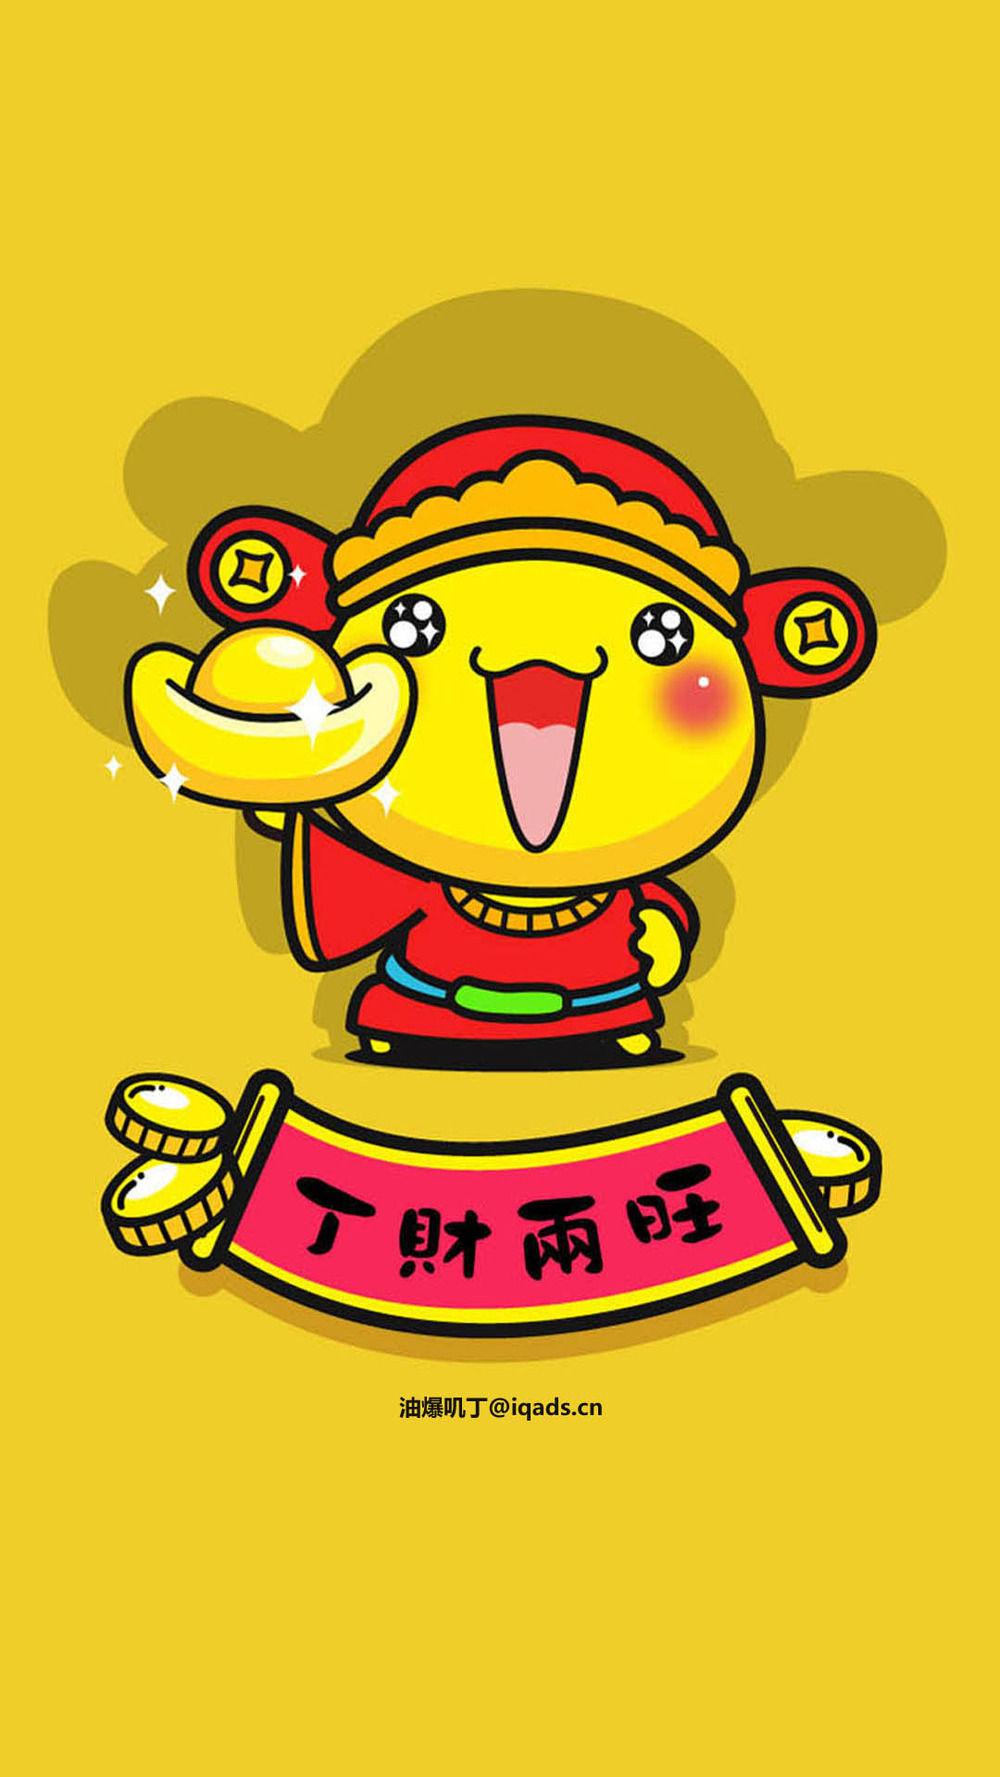 丁财两旺-1080x1920.jpg